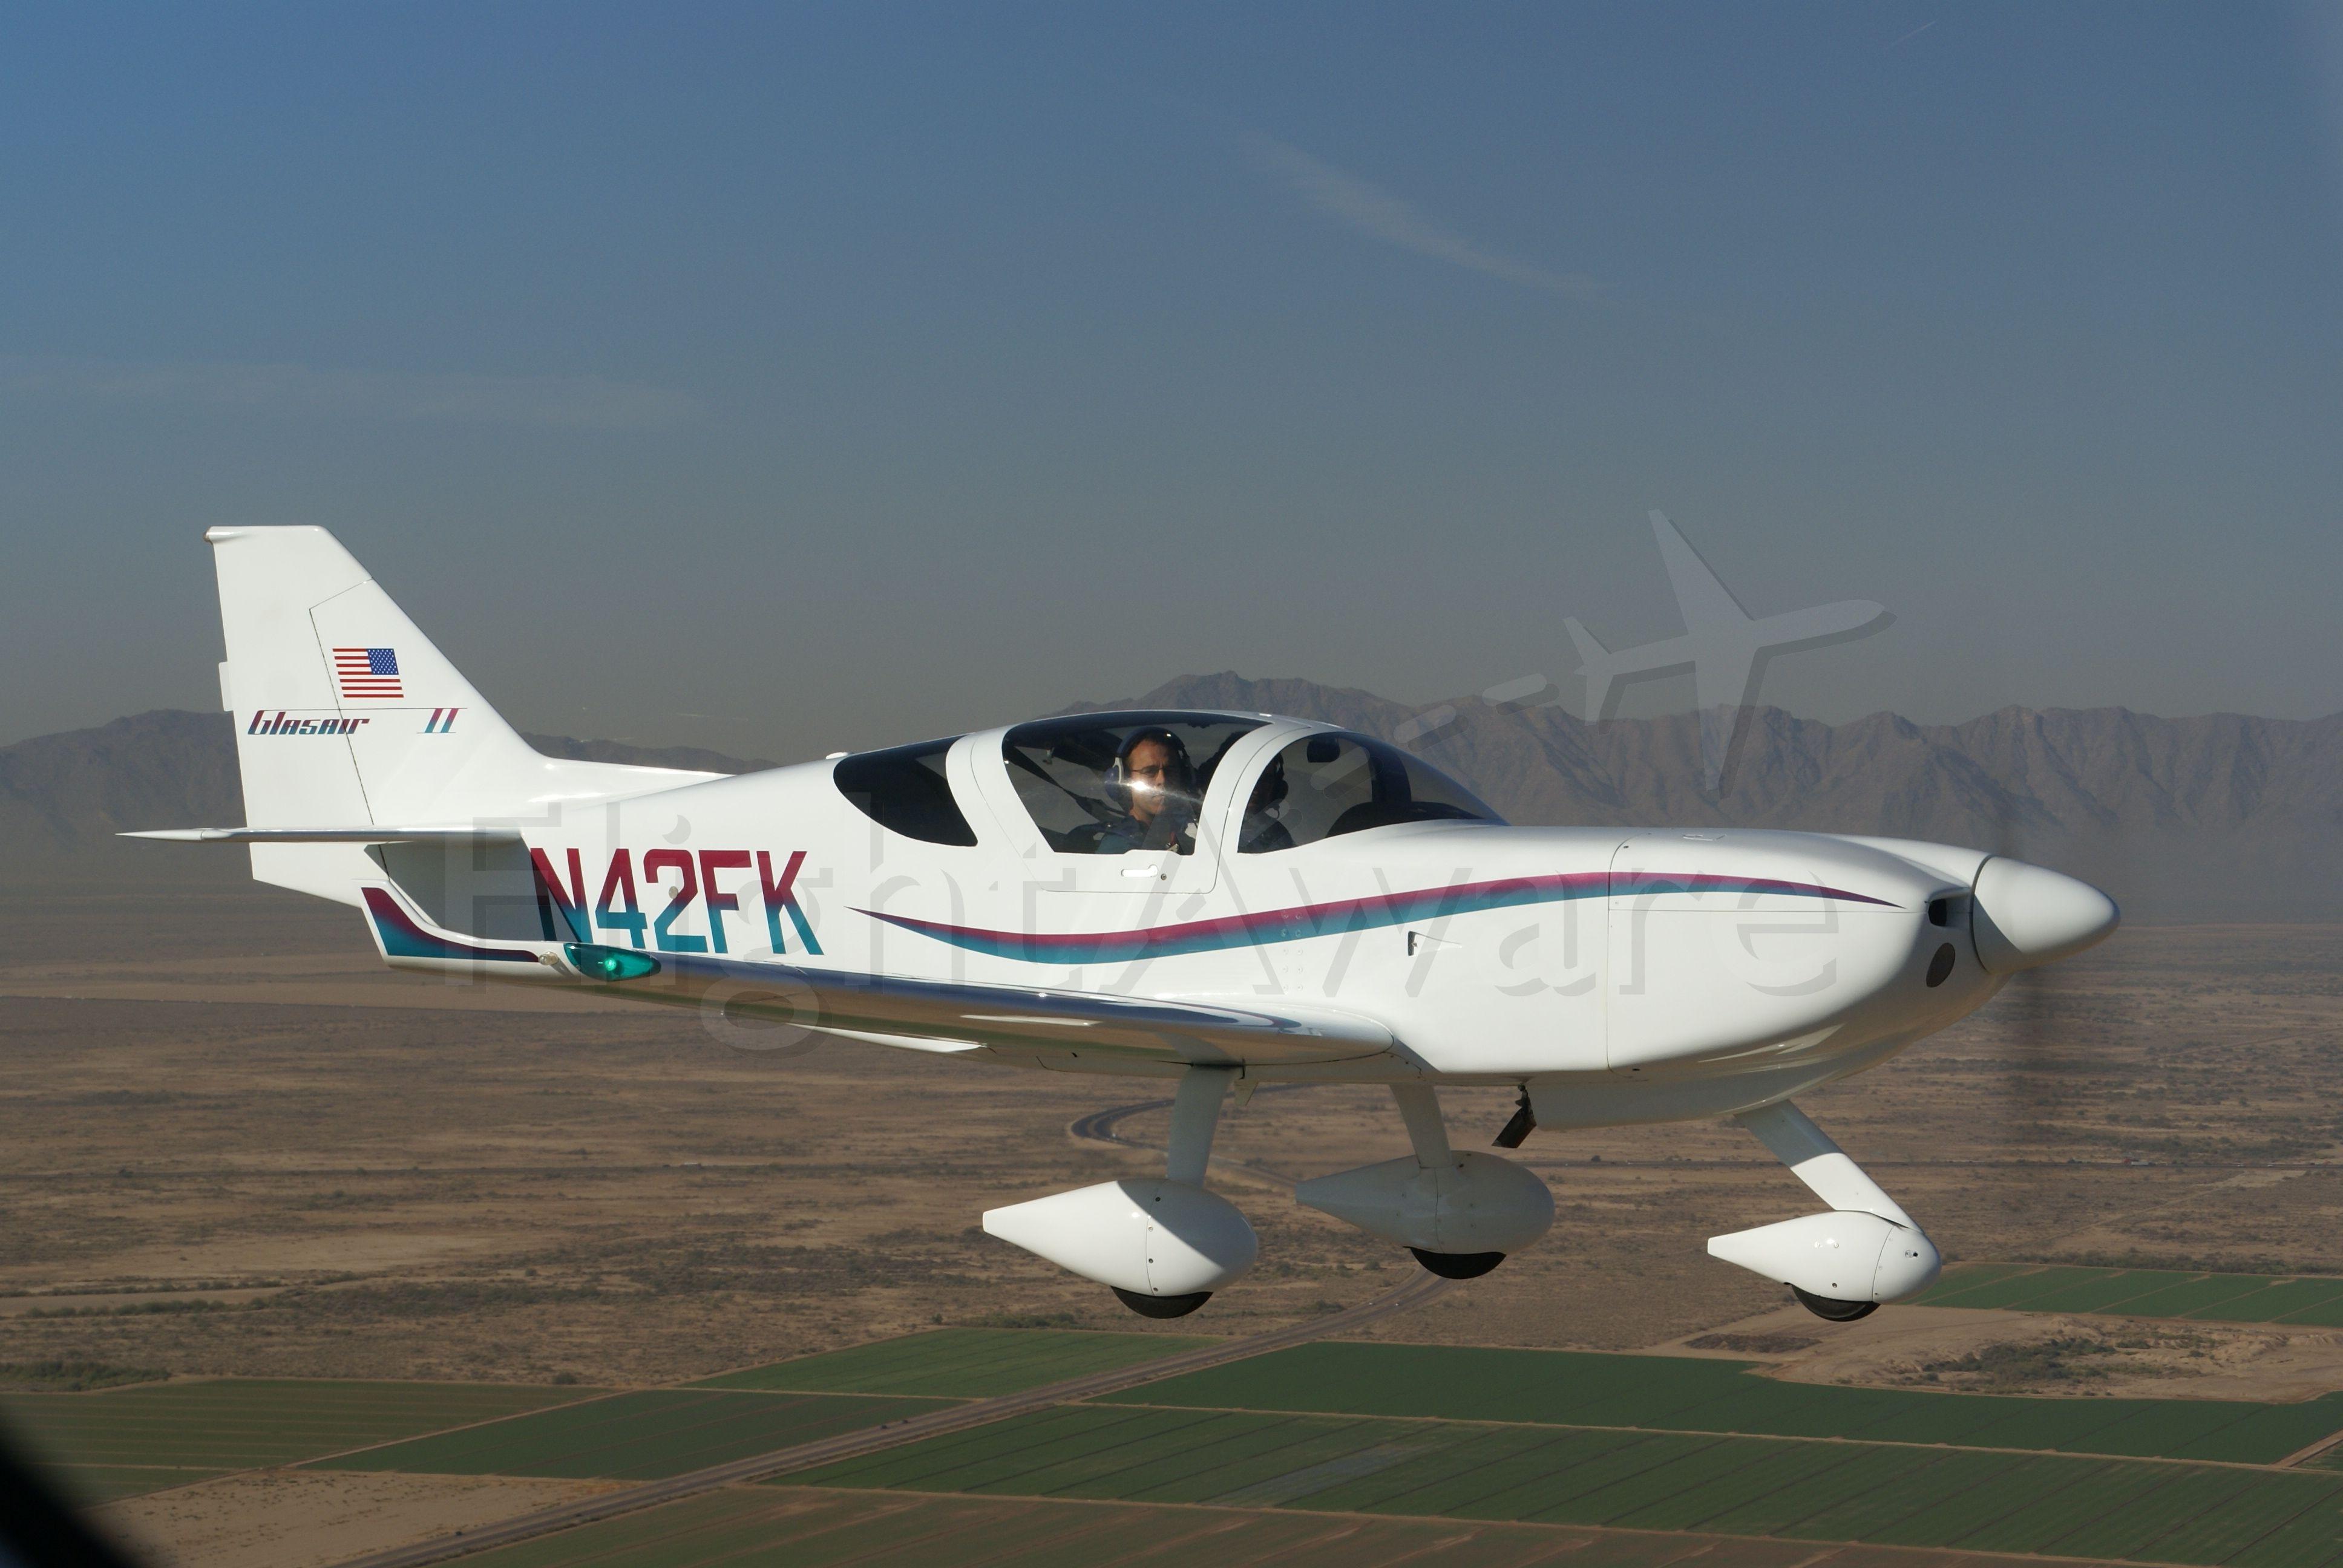 N42FK — - Glasair II over Maricopa, AZ